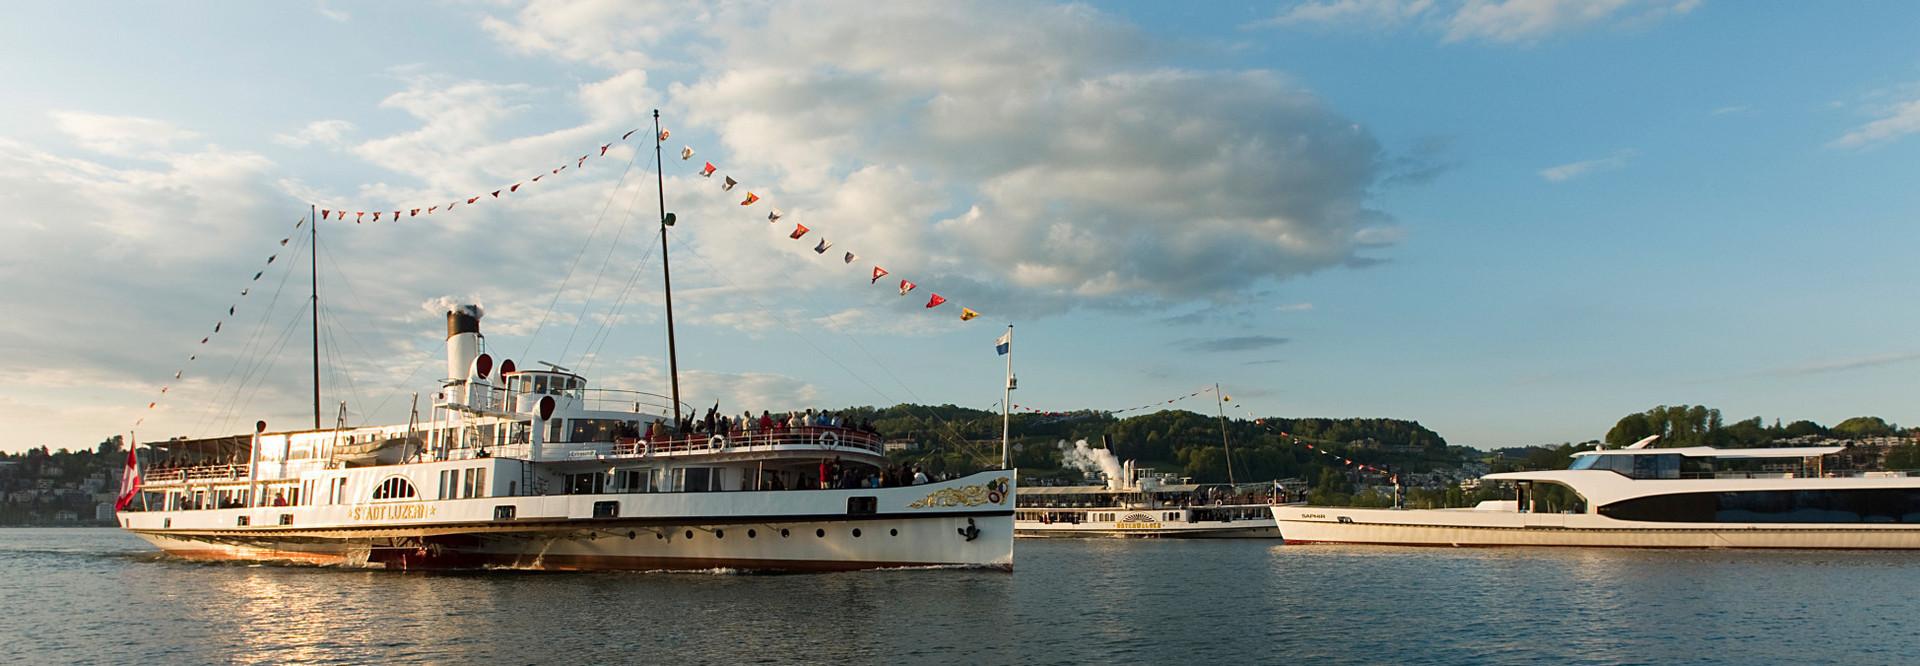 Un bateau à vapeur et un bateau à moteur se croisent sur le lac des Quatre-Cantons.